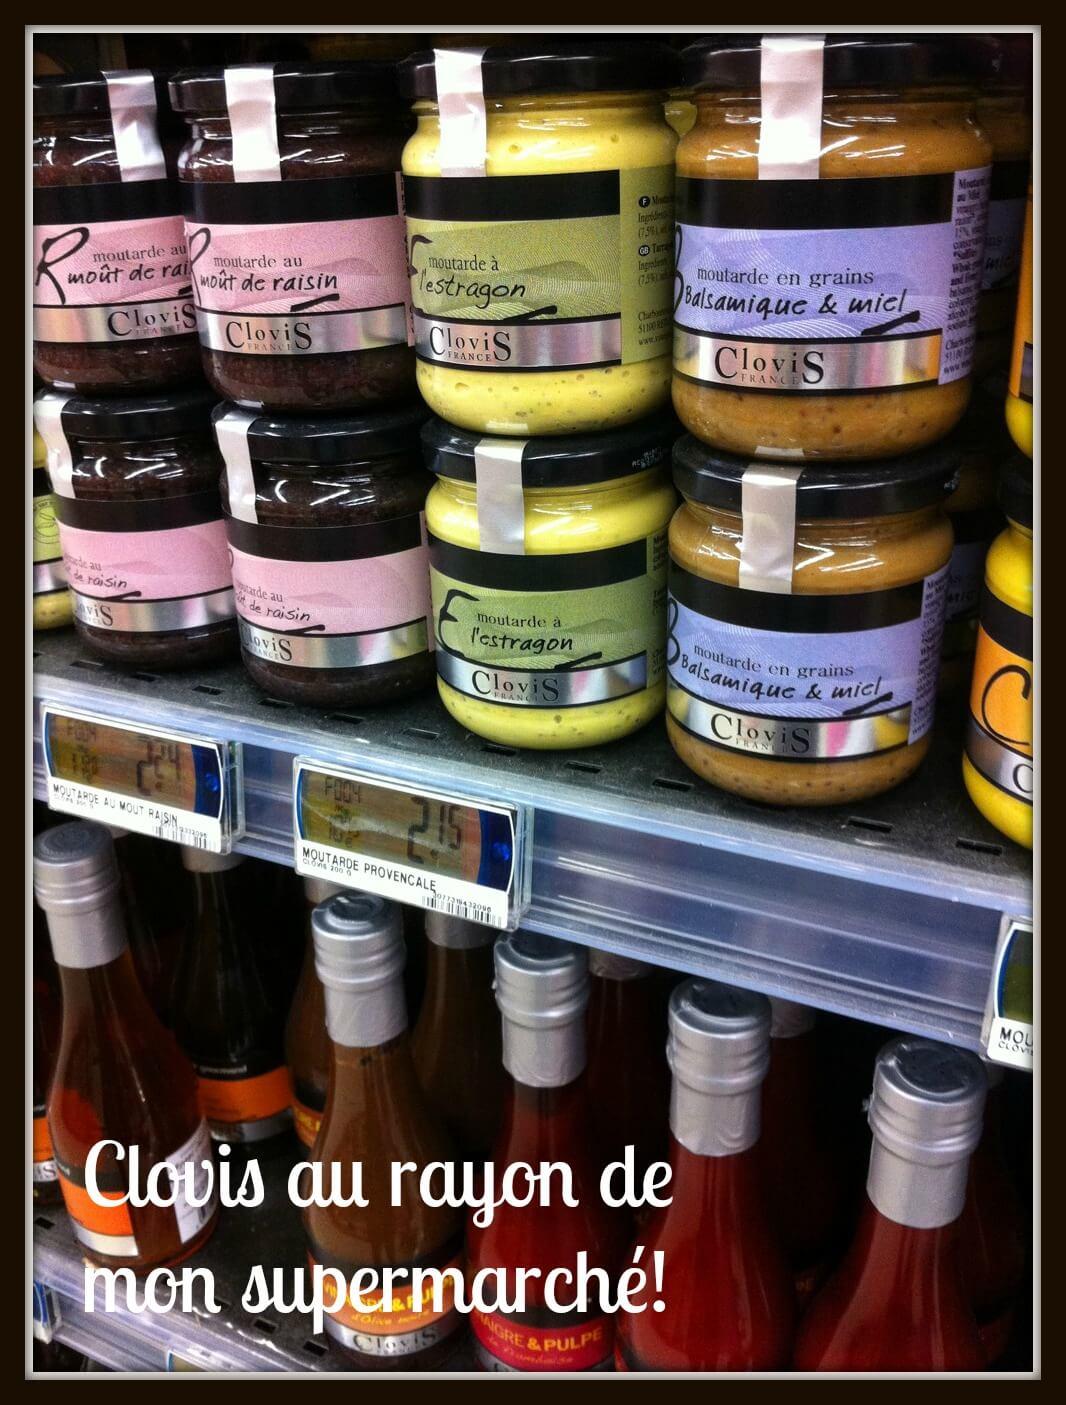 A la découverte de Clovis moutarde et vinaigres